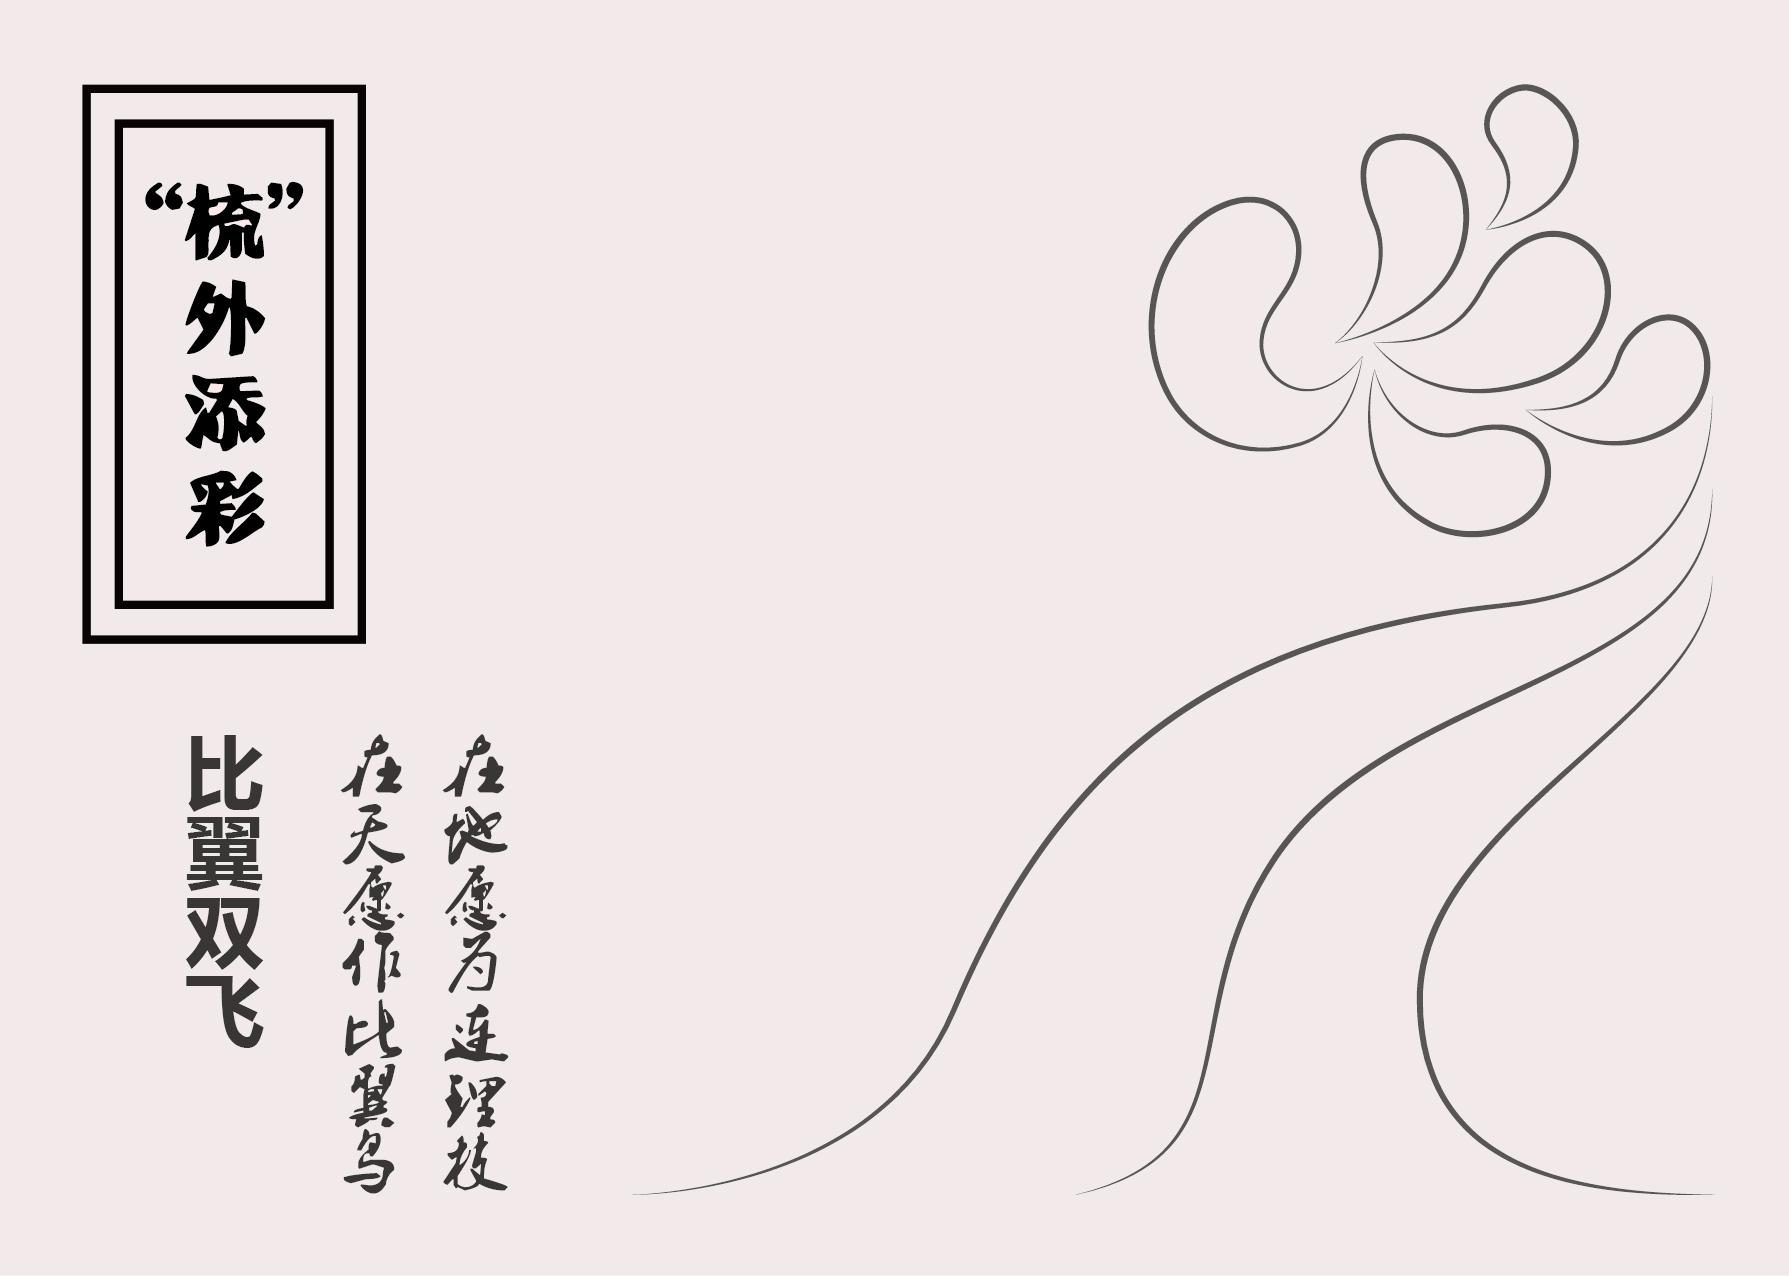 婚嫁系列·比翼双飞|平面|图案|linmeim - 原创作品